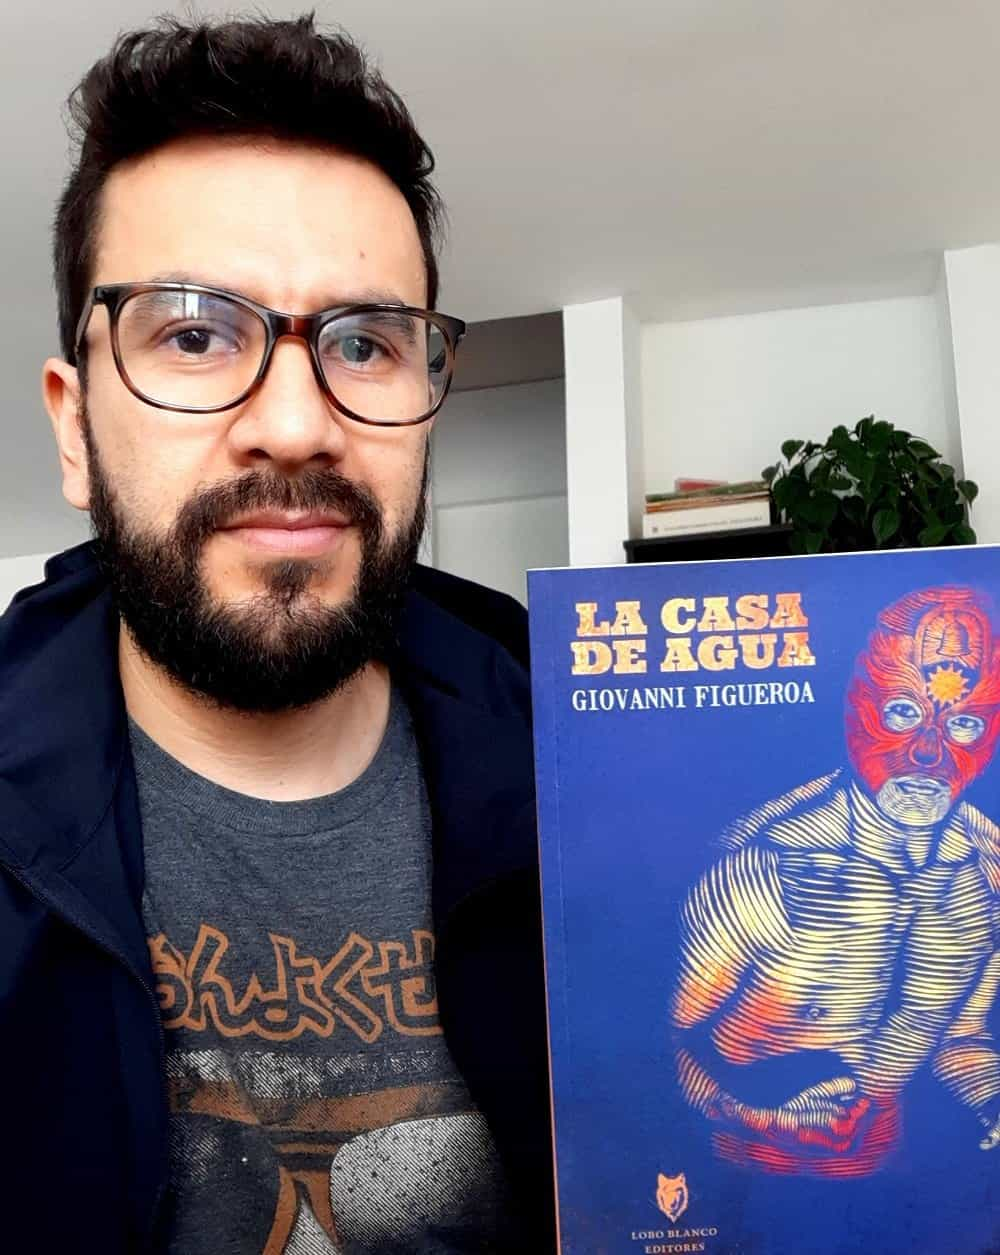 El periodista y escritor sogamoseño Giovanni Figueroa con su nueva obra, la novela 'La casa de agua'. Foto: archivo particular